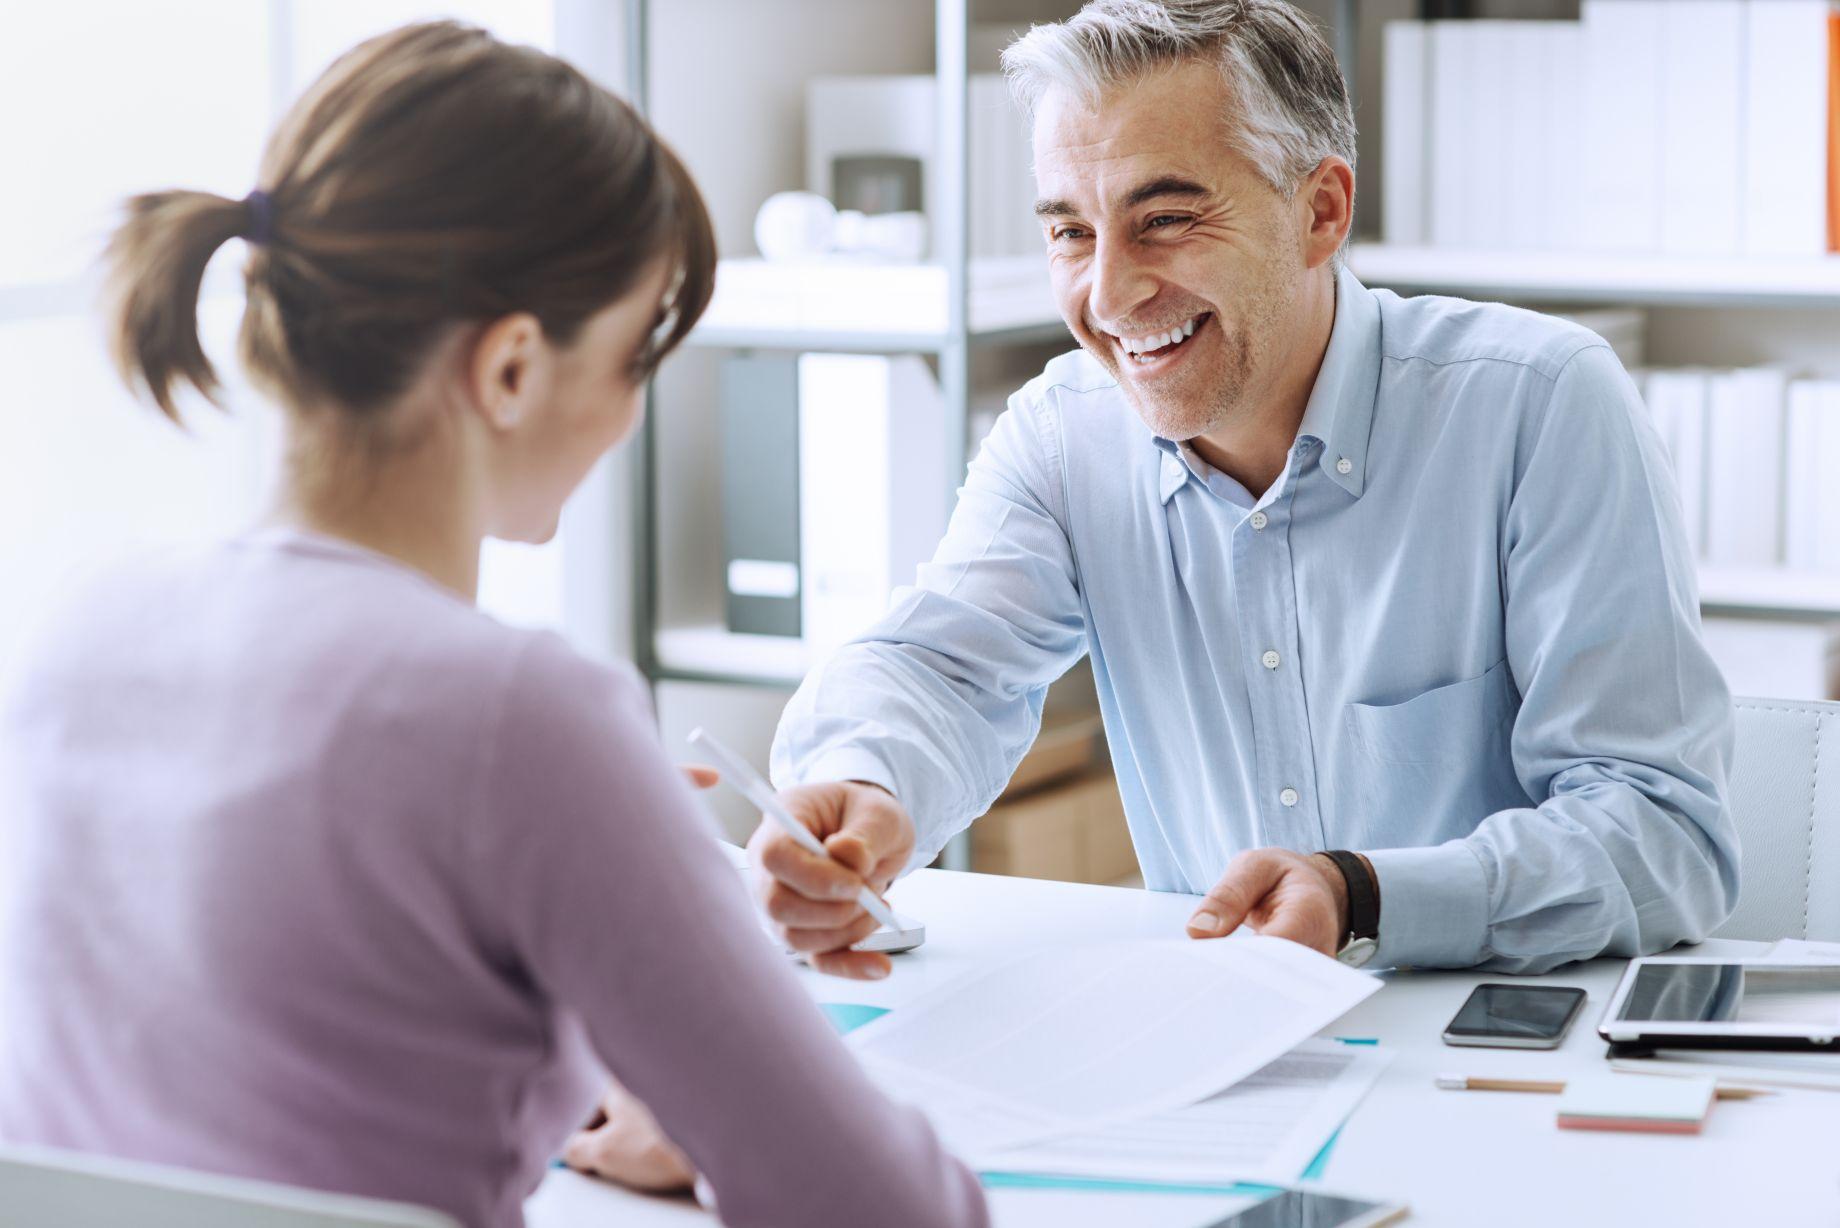 gatineau pret hypothecaire